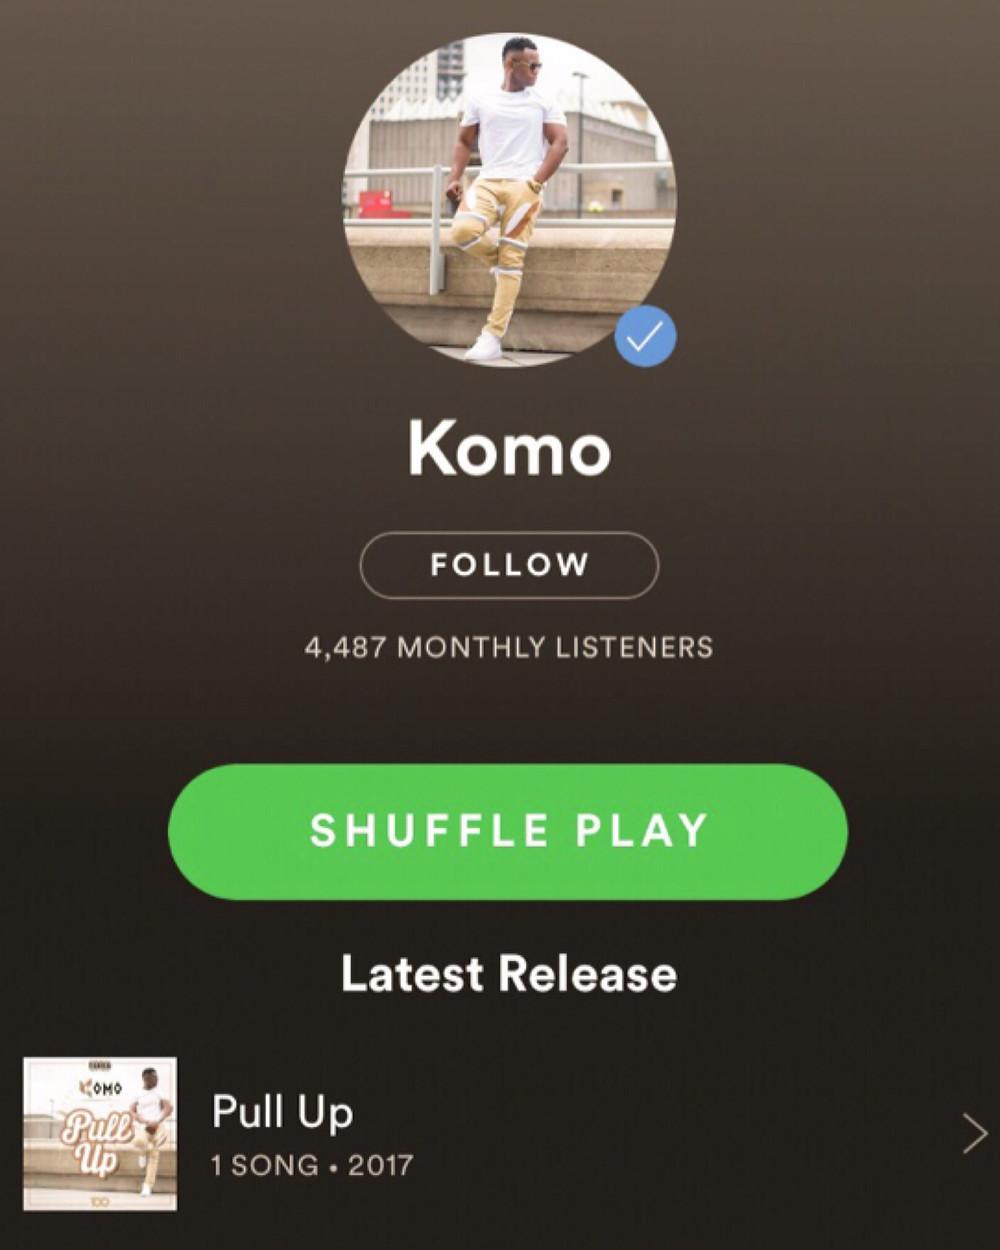 Komo Spotify Artist Page